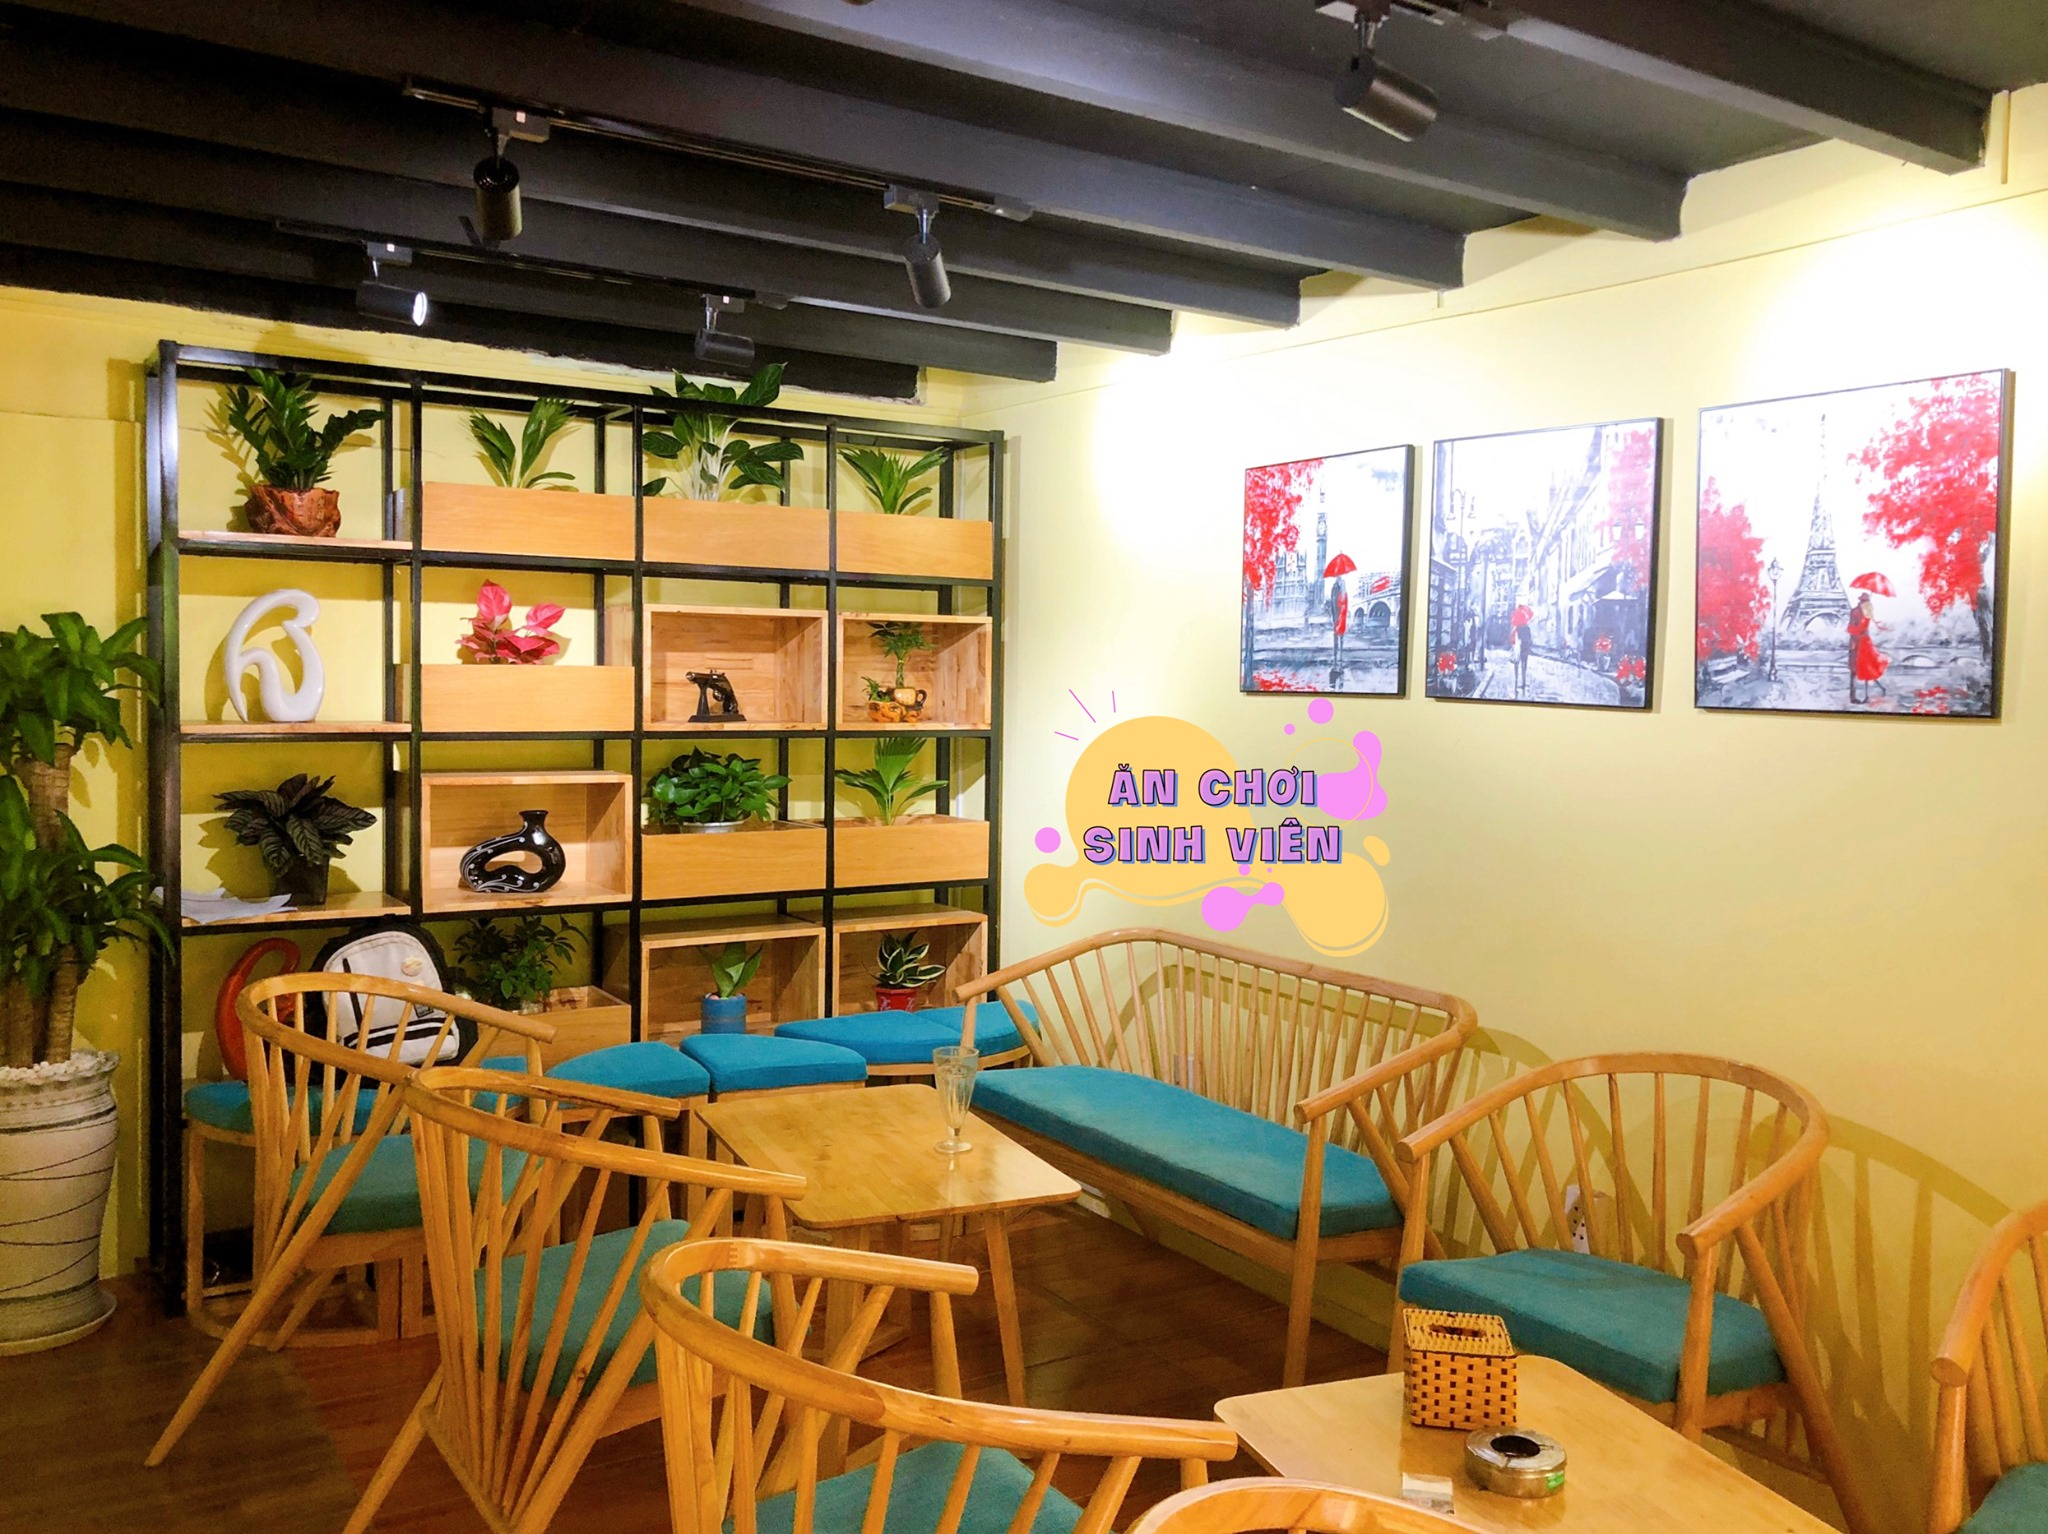 sofa kem trứng làng đại học trang trí quán